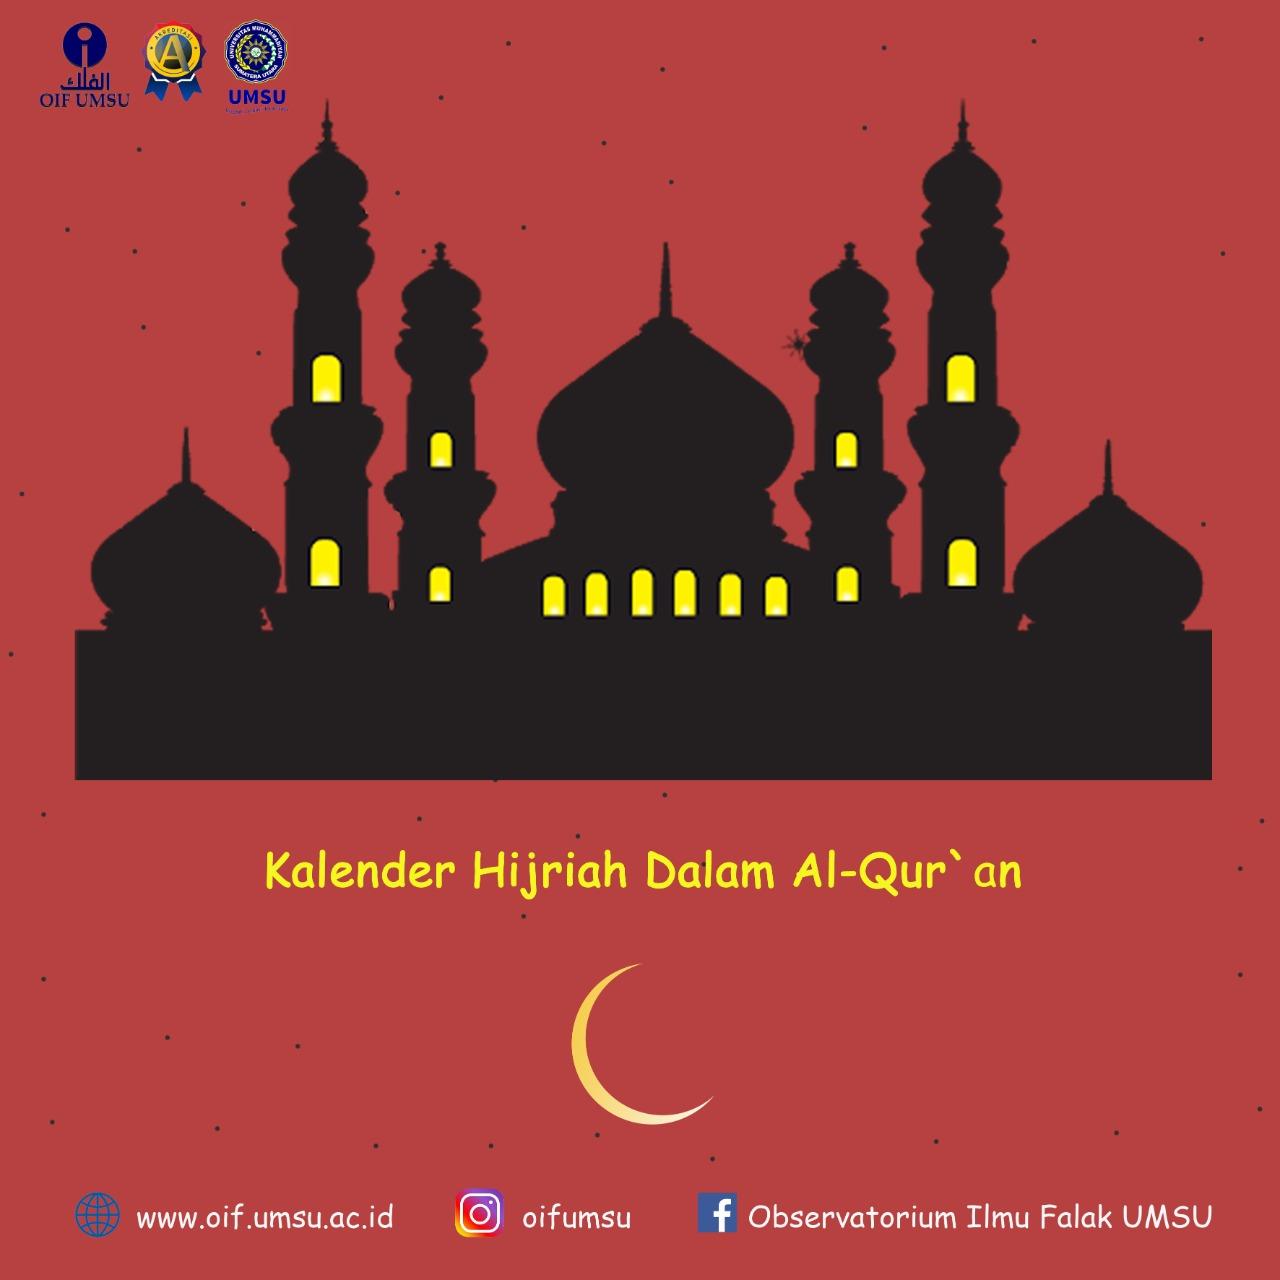 17 Kalender Hijriah Dalam Al Qur'an   OIF UMSU